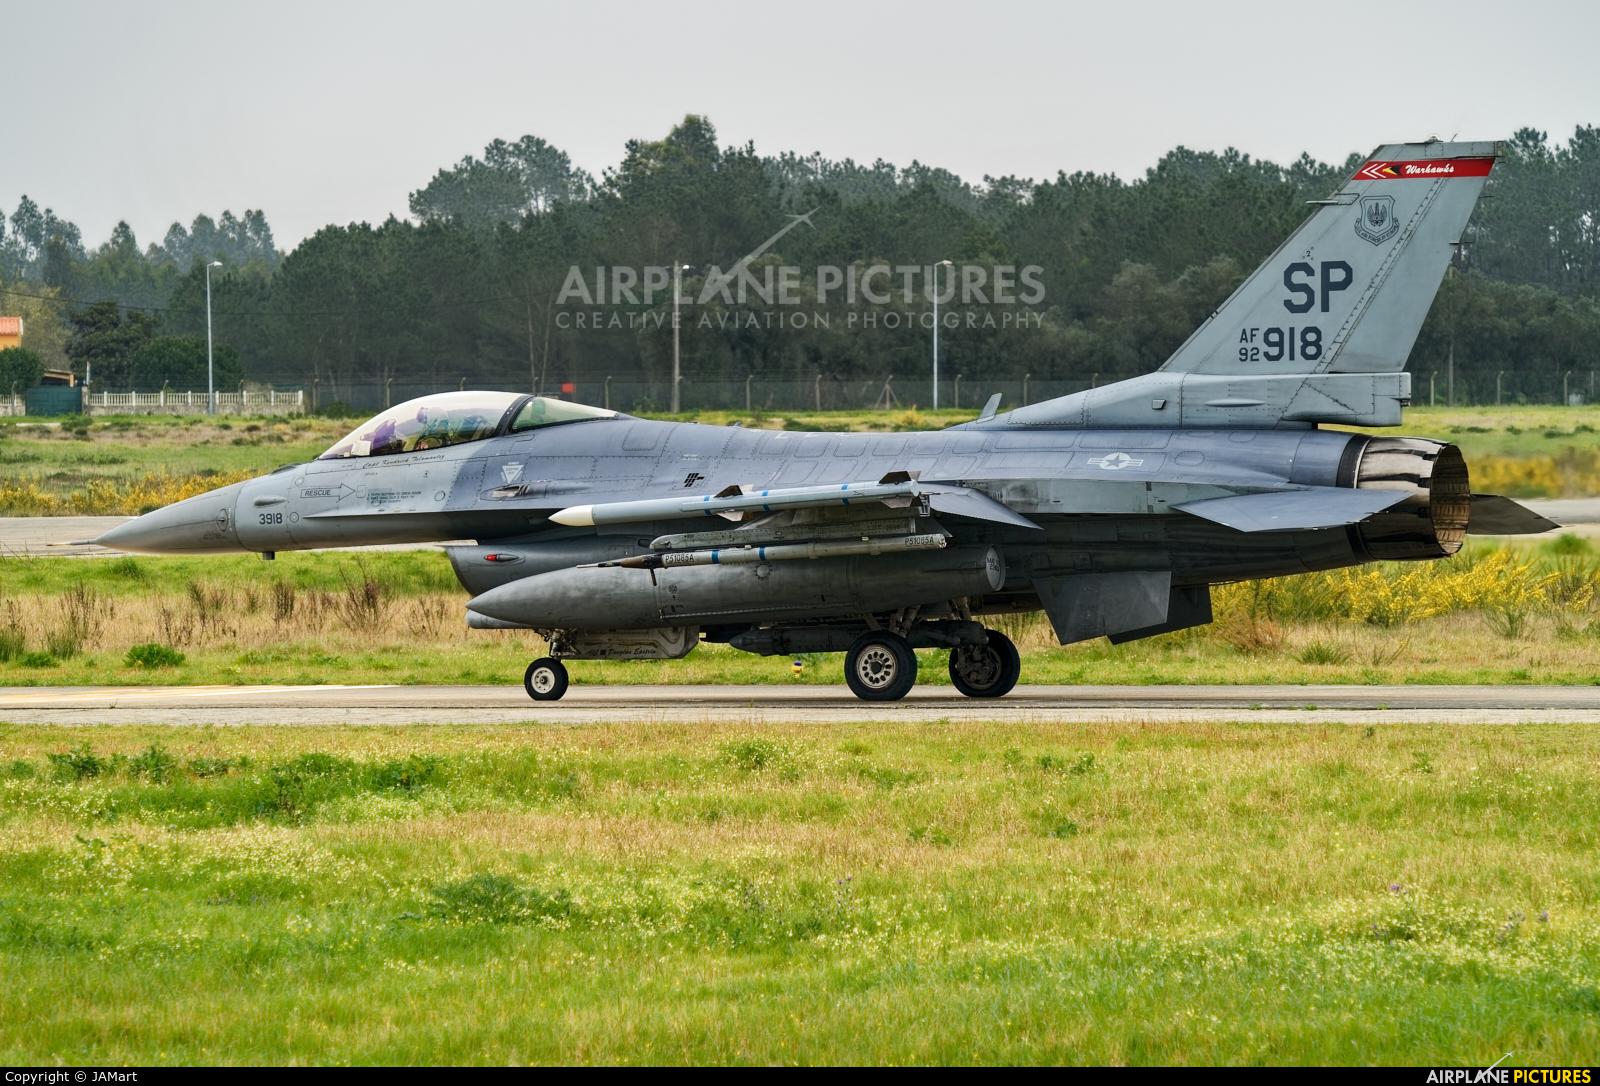 USA - Air Force 92-3918 aircraft at Monte Real